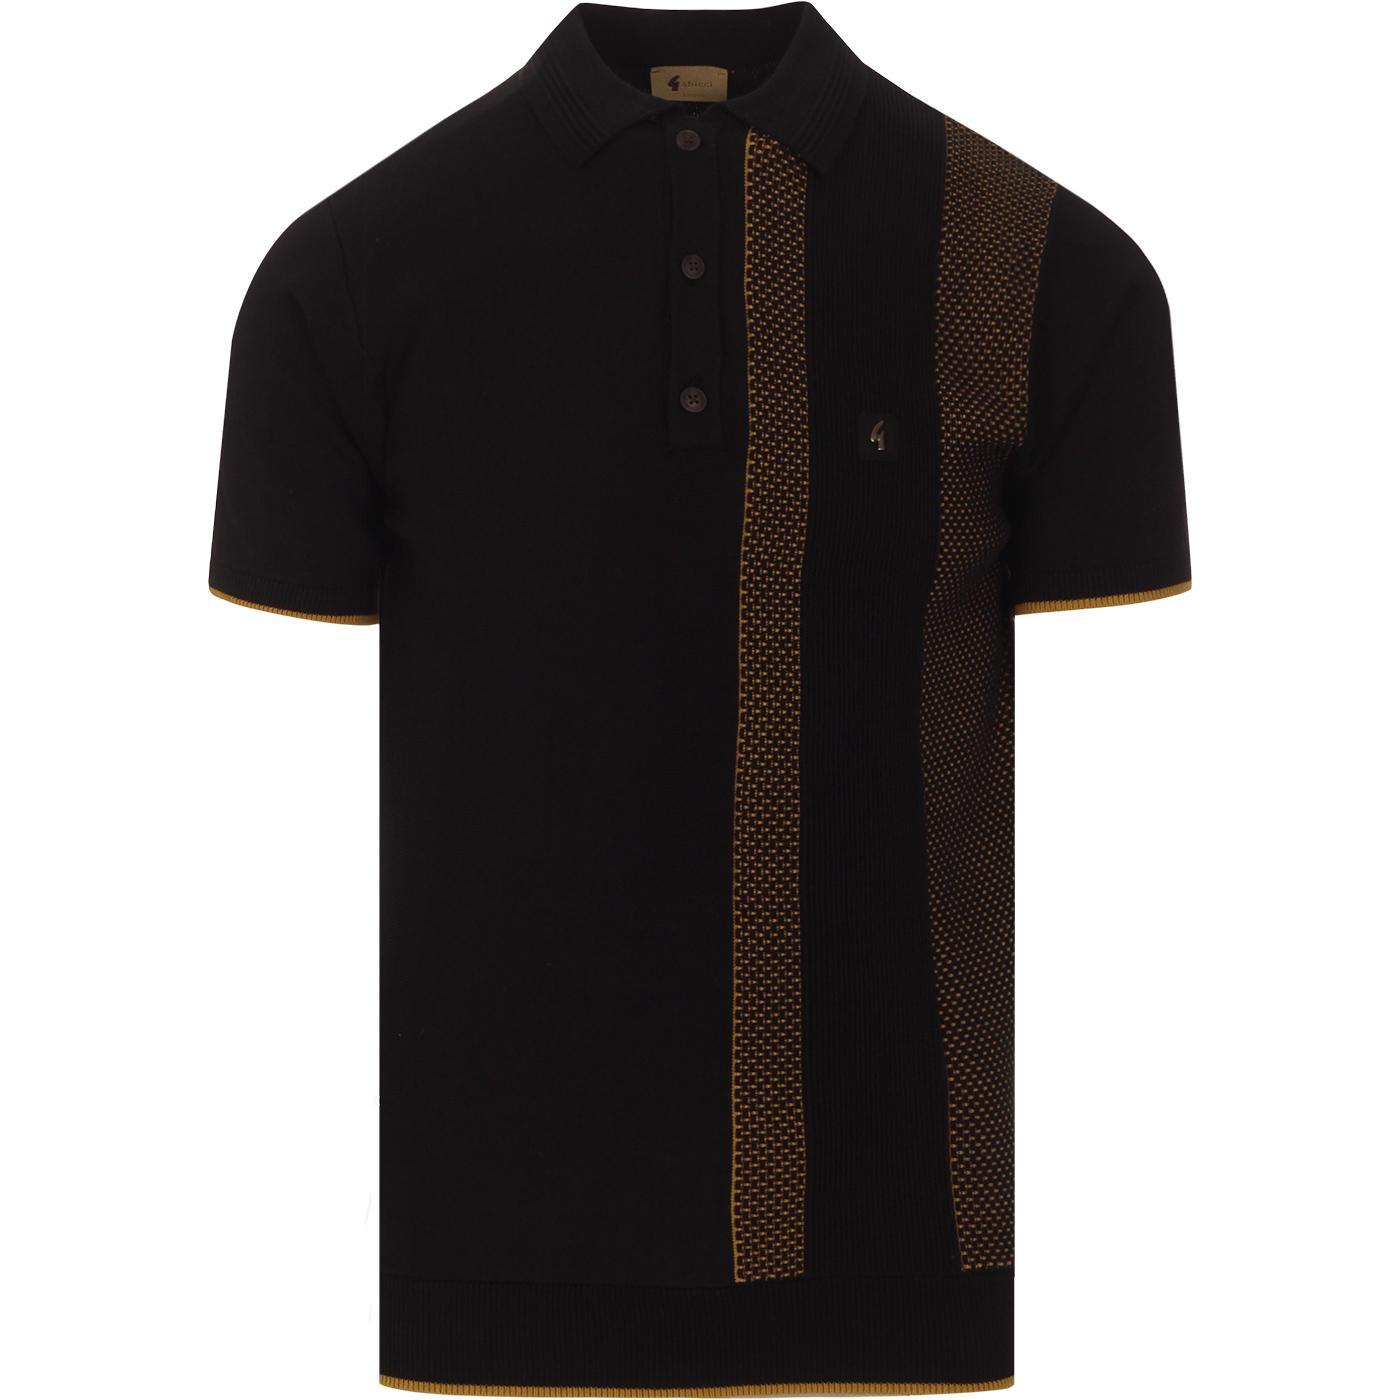 Cariboo GABICCI VINTAGE Mod Rib Knit Polo (Black)